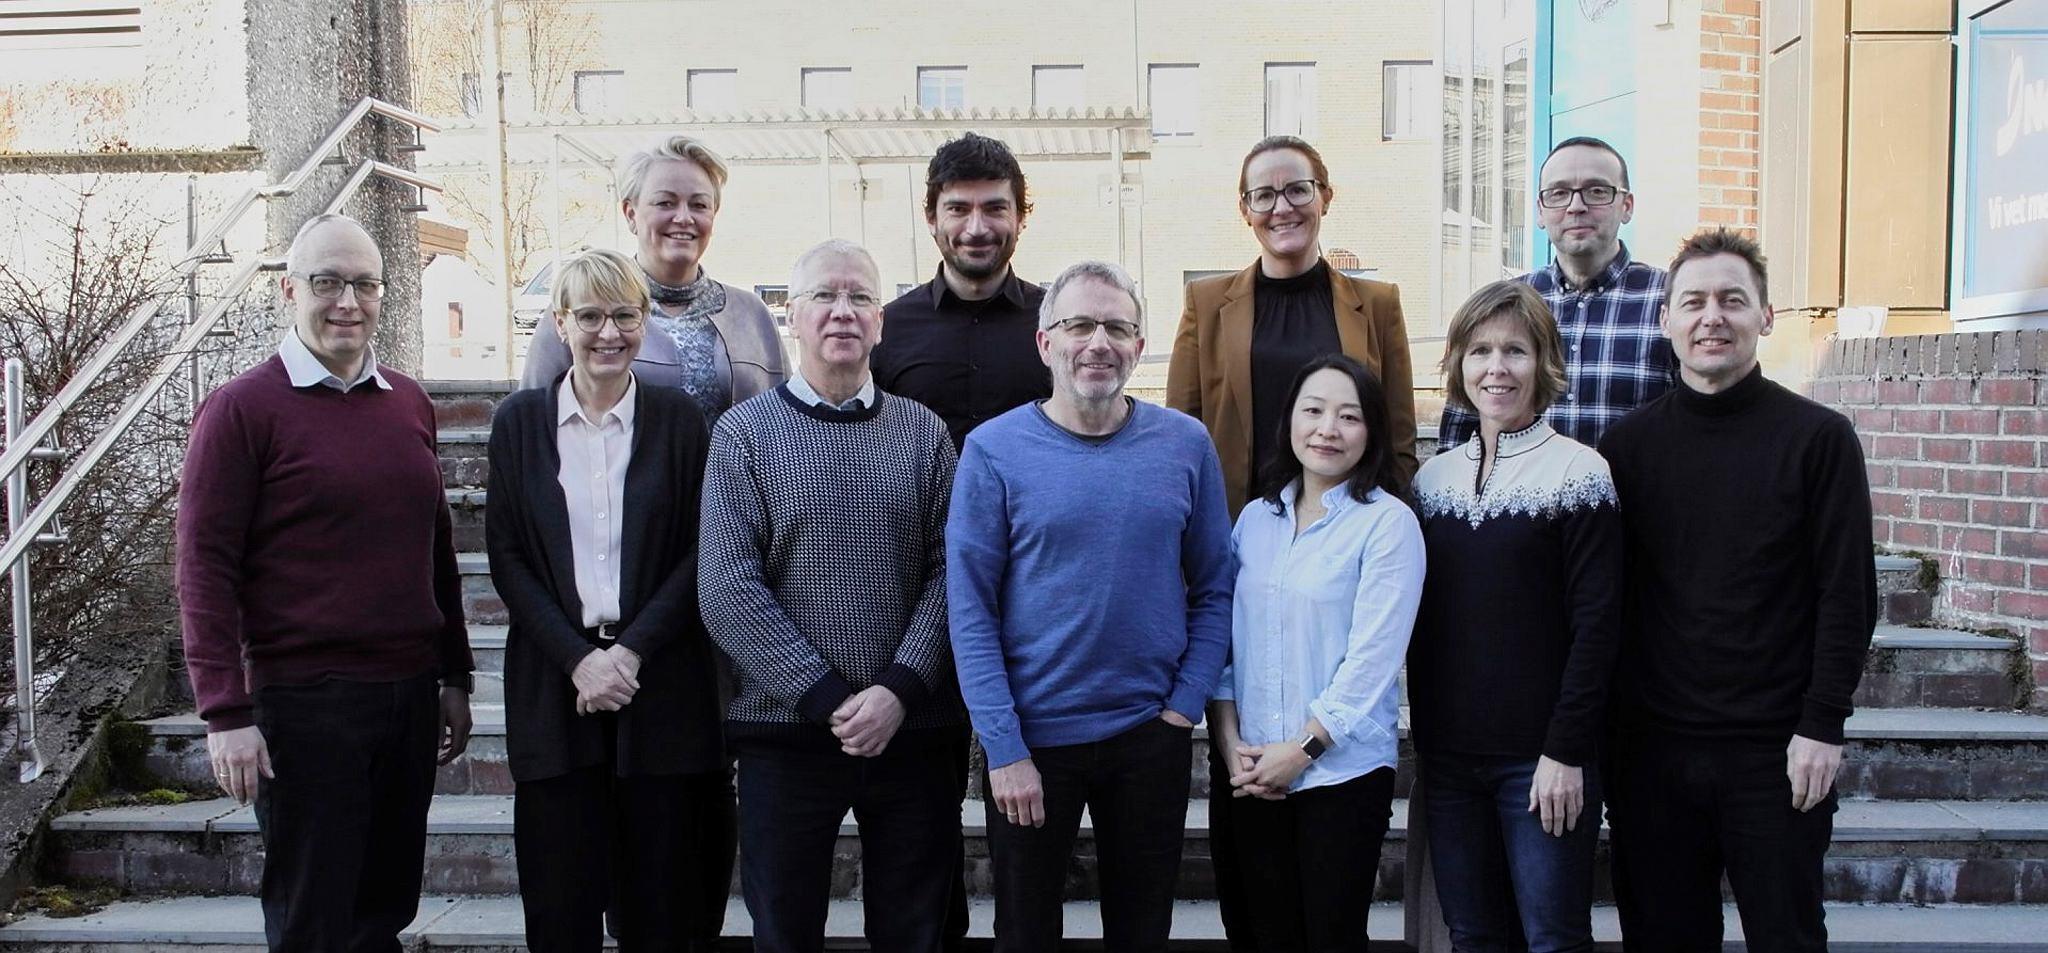 Engasjert gjeng med samarbeidspartnere under oppstartsmøtet til Qualidiff.